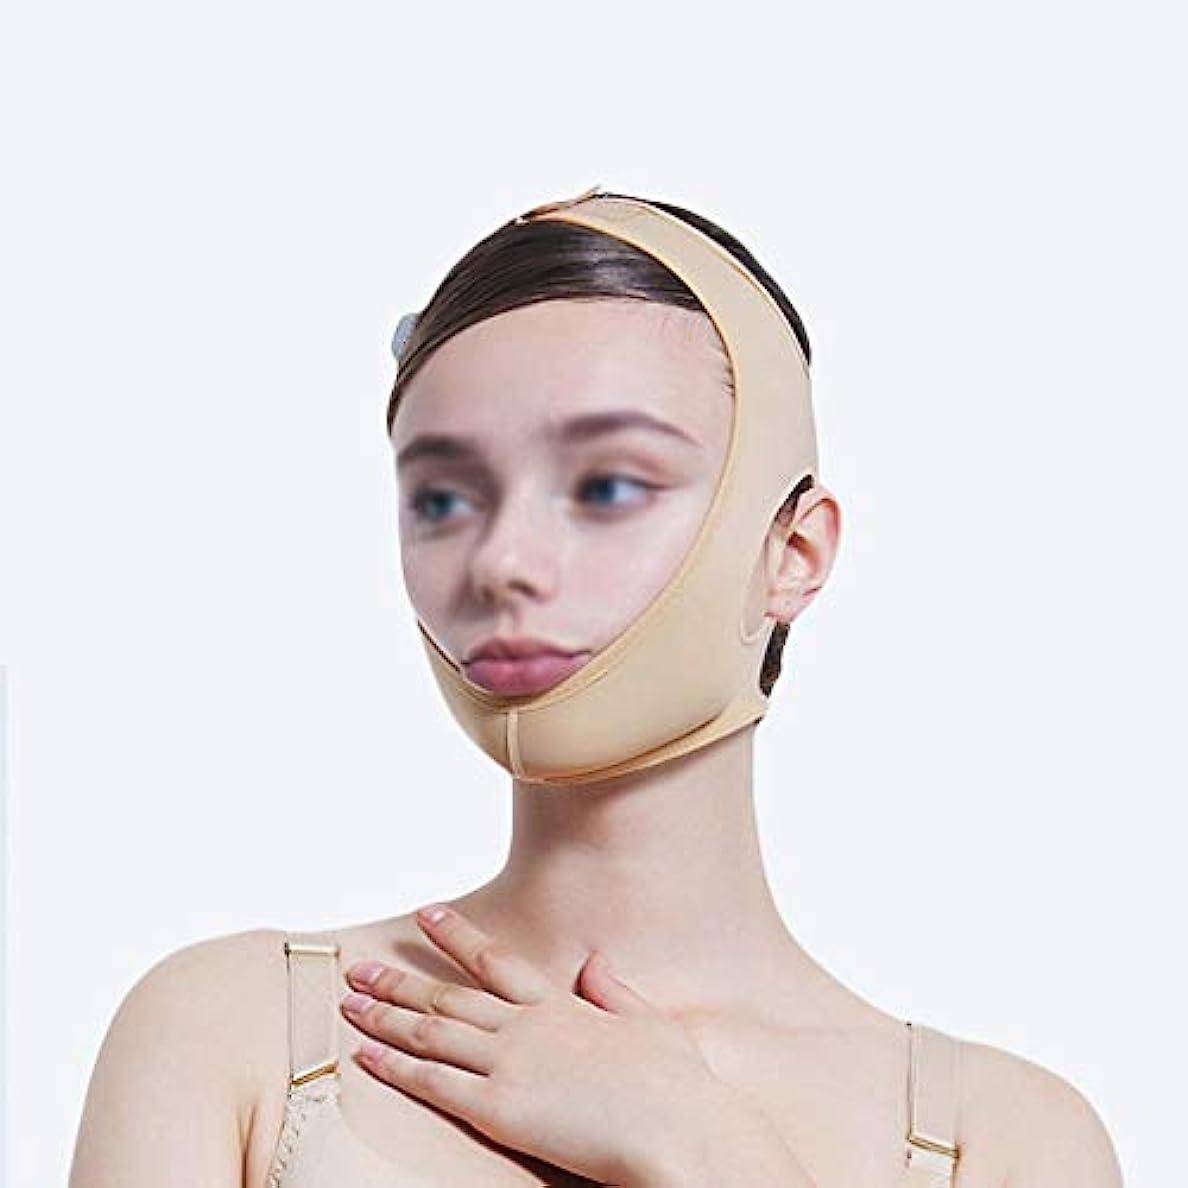 薄い無線揃えるフェイシャルライン、頬、しわ防止フェイシャル減量、フェイスバンド、フェイスマスク、フェイスリフティング、通気性、ダブルチンストラップ(サイズ:XXL),S